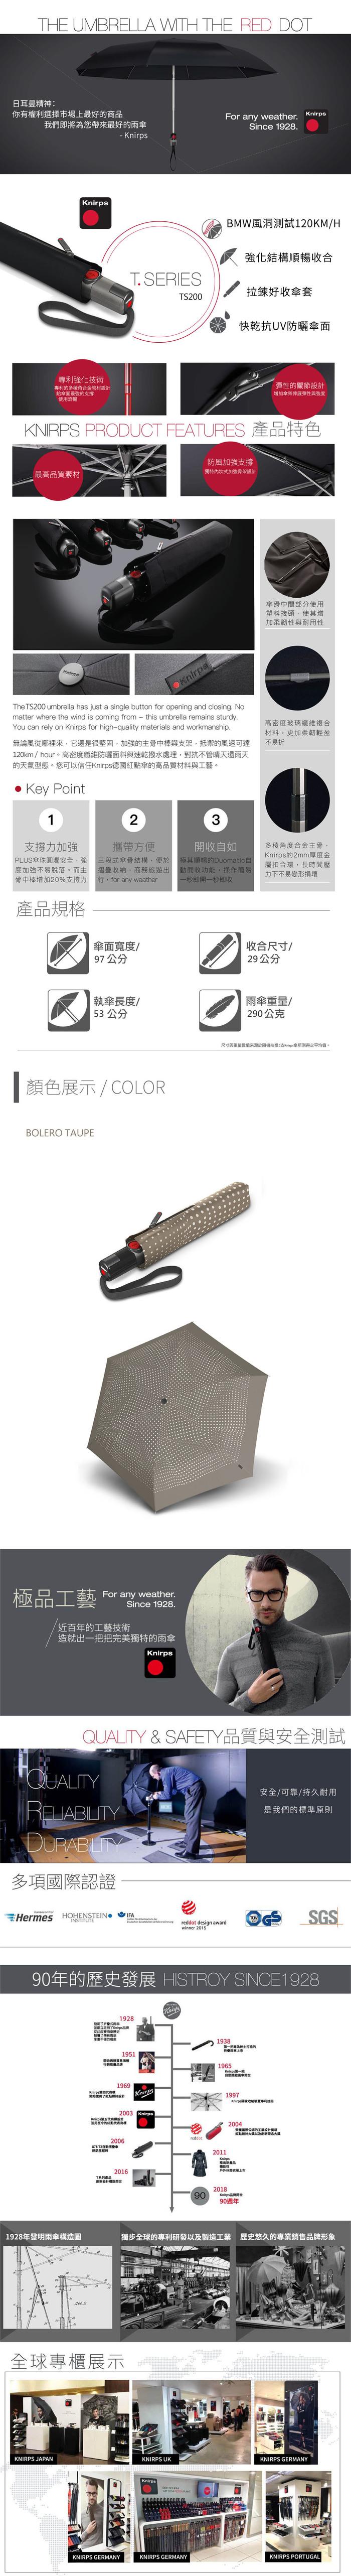 (複製)Knirps®德國紅點傘|TS.200 輕薄自動開收傘-Primrose Pink